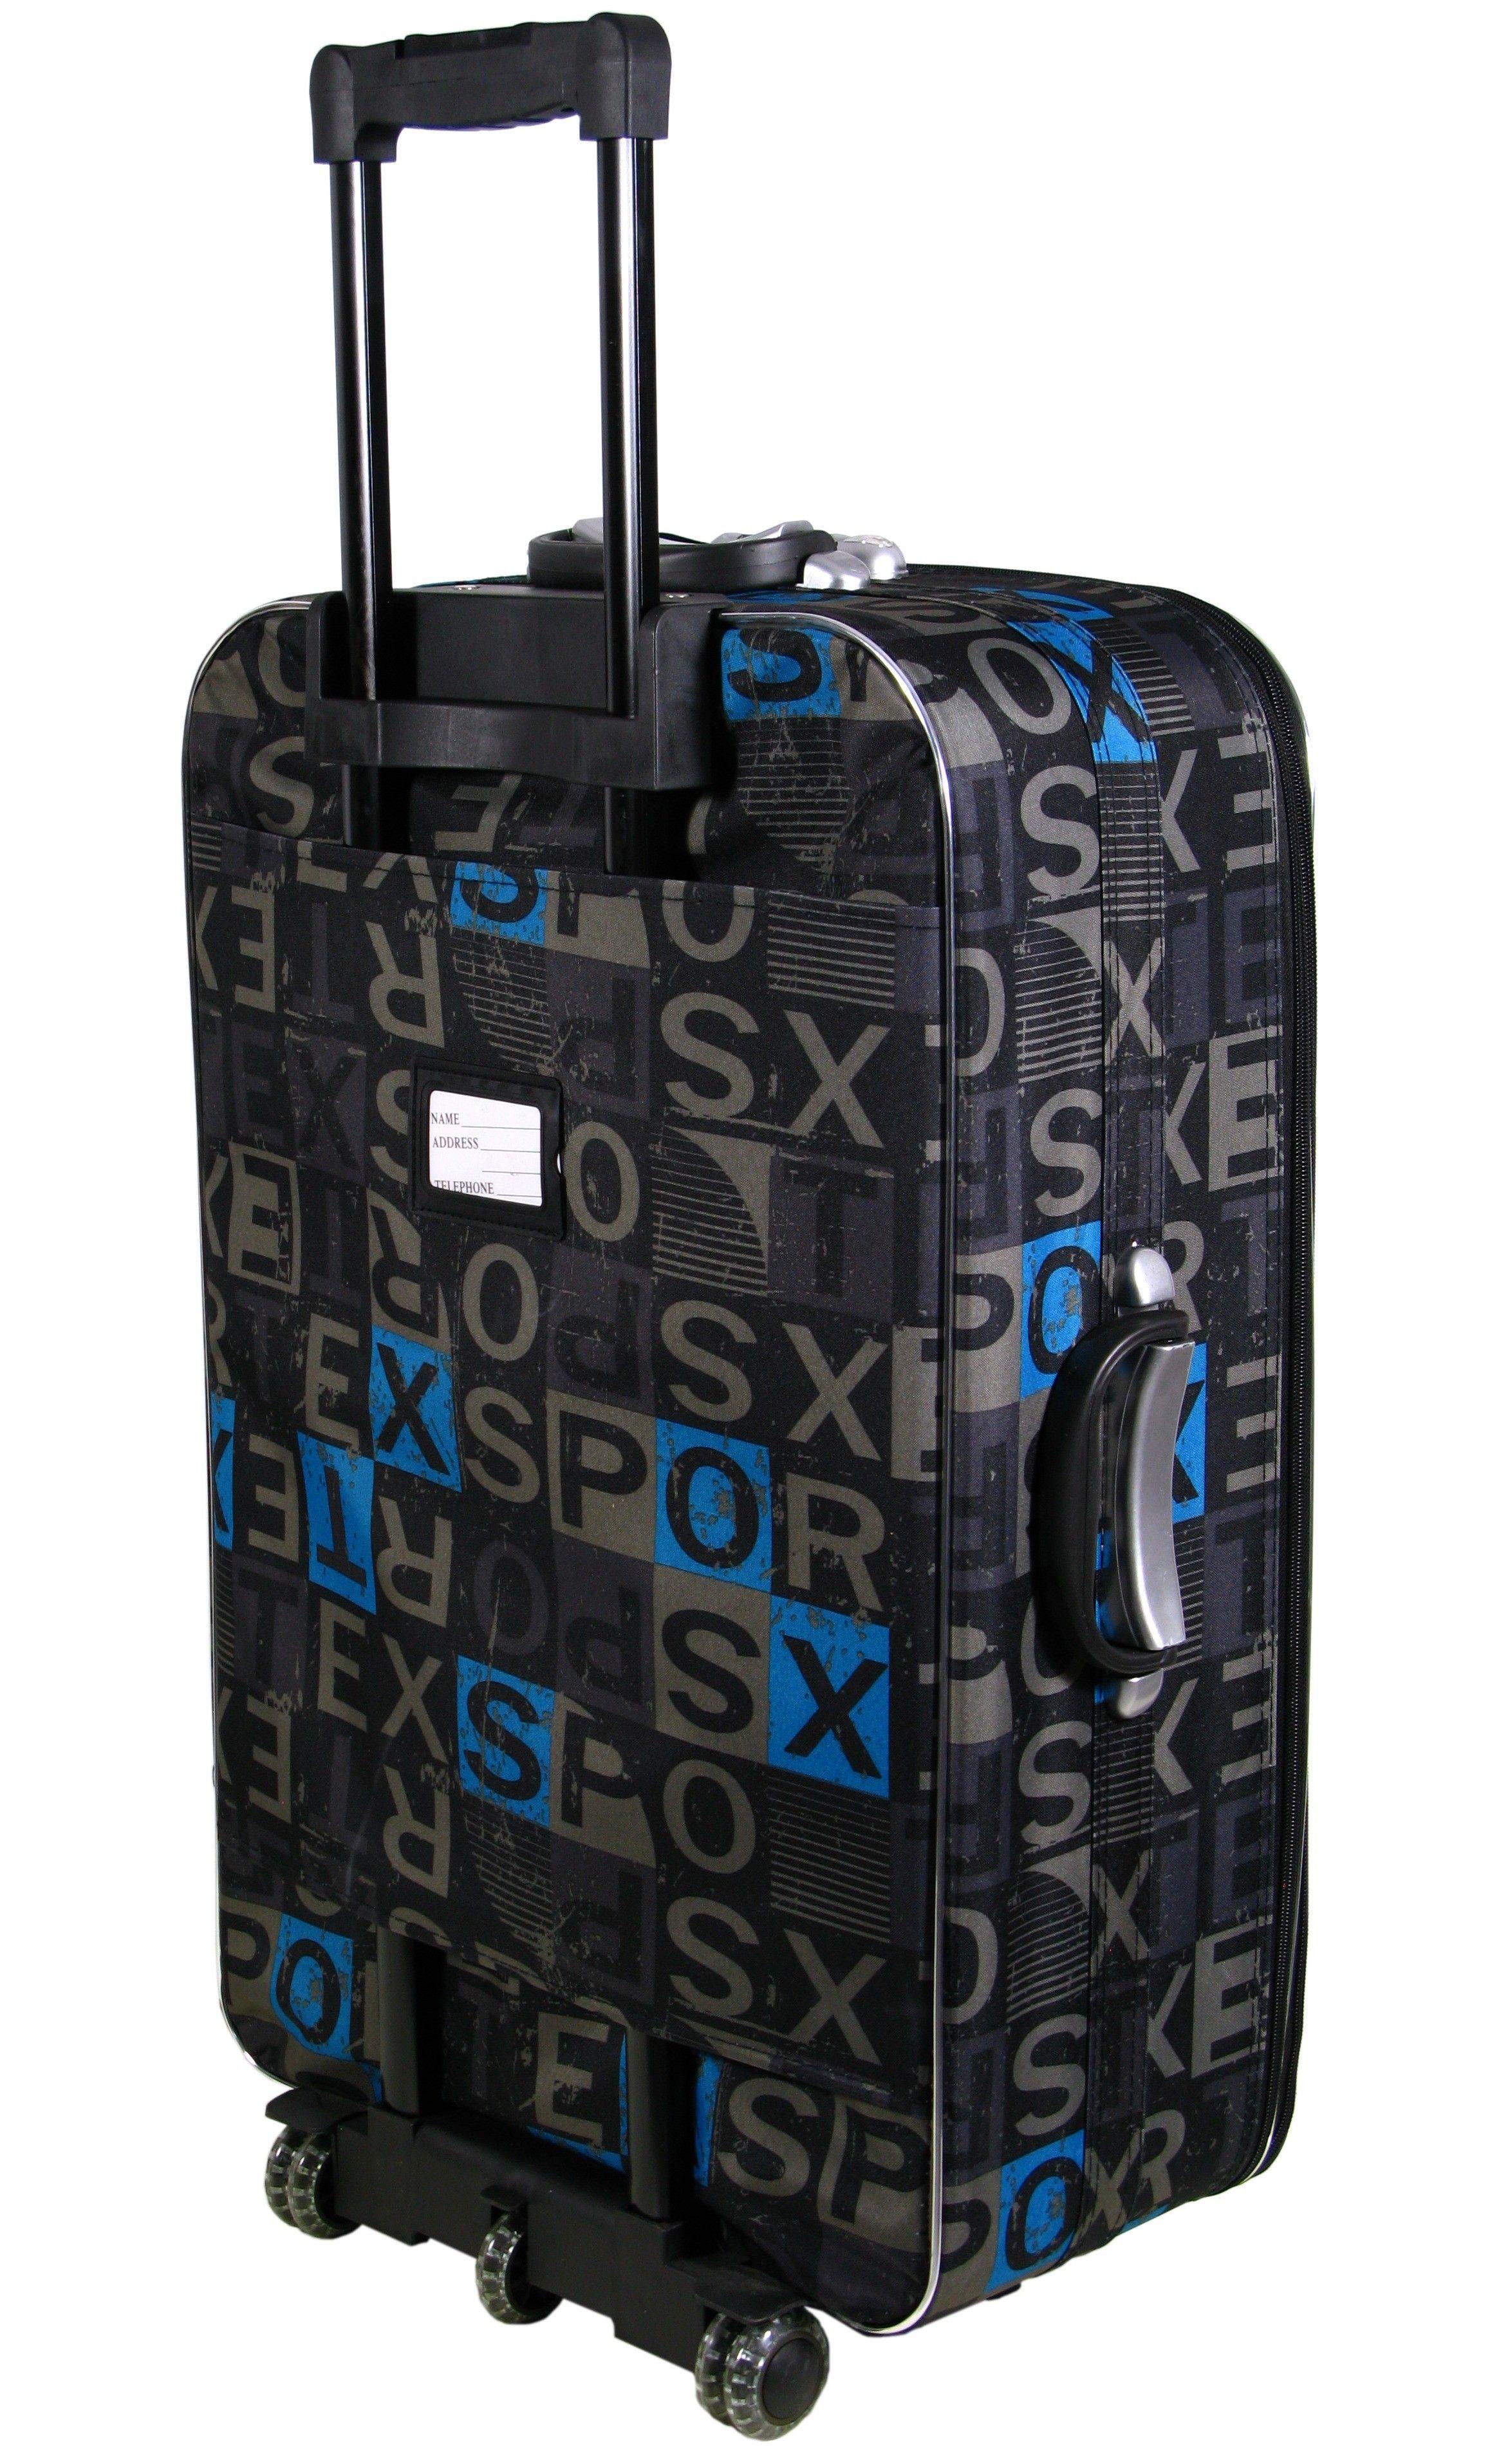 401f633a76481 Średnia walizka na kółkach 111 LITERY codura zamek   Akcesoria ...